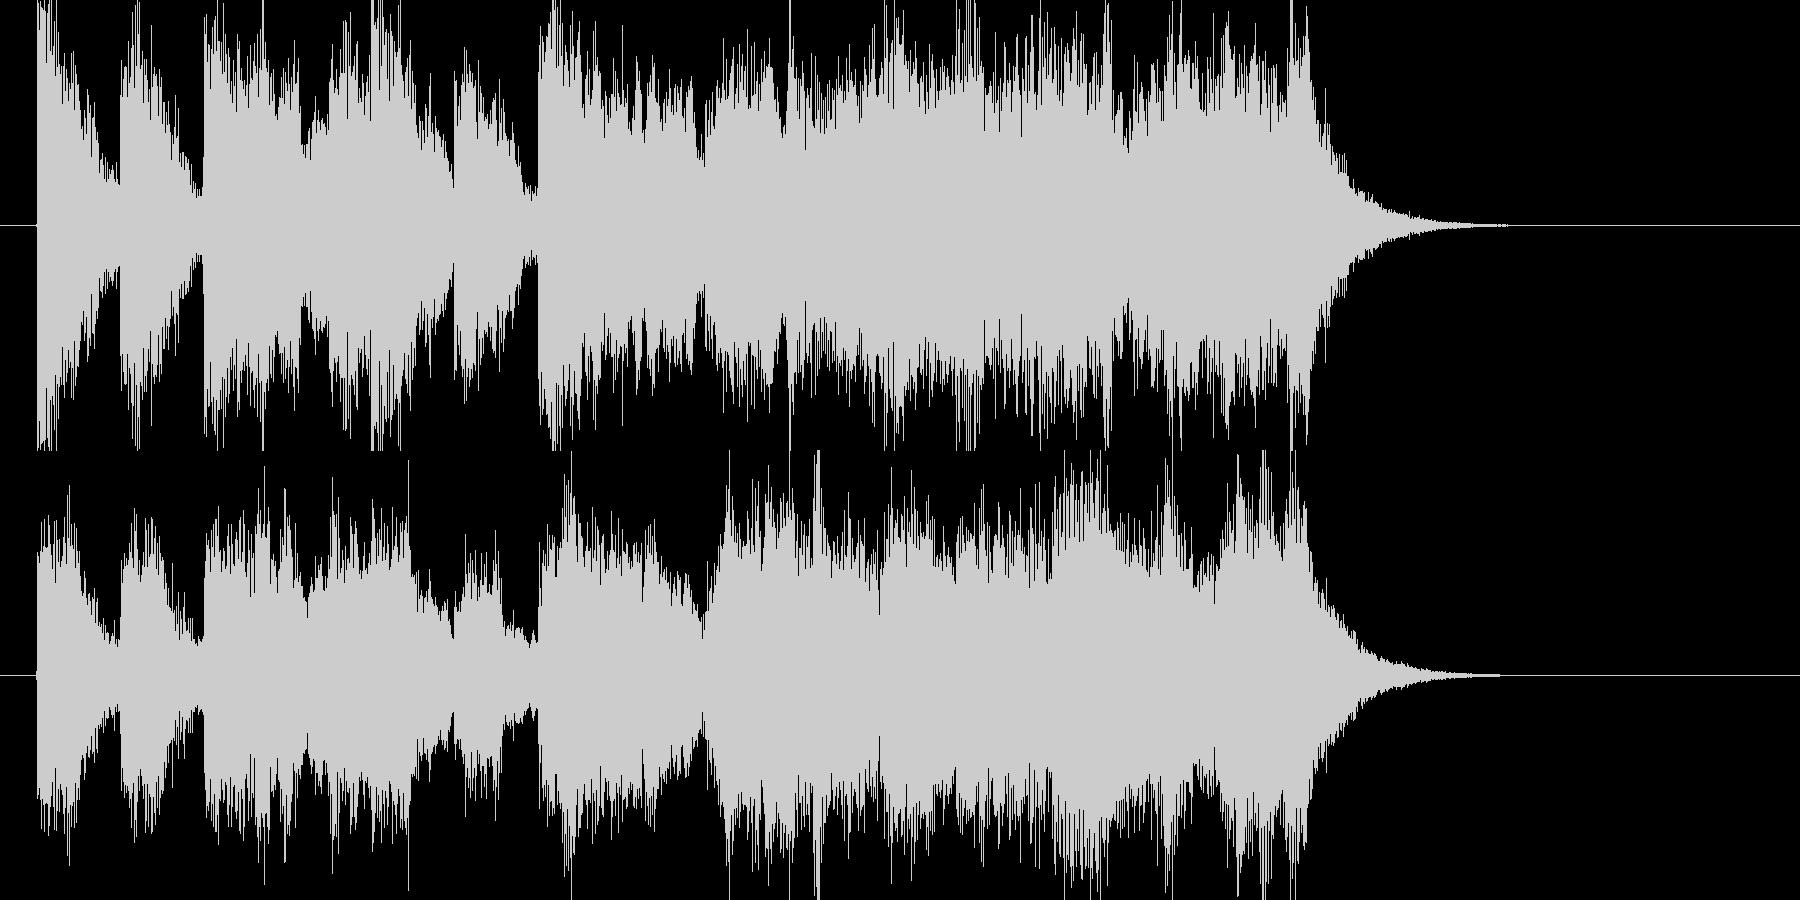 ファンファーレ風オーケストラジングルの未再生の波形